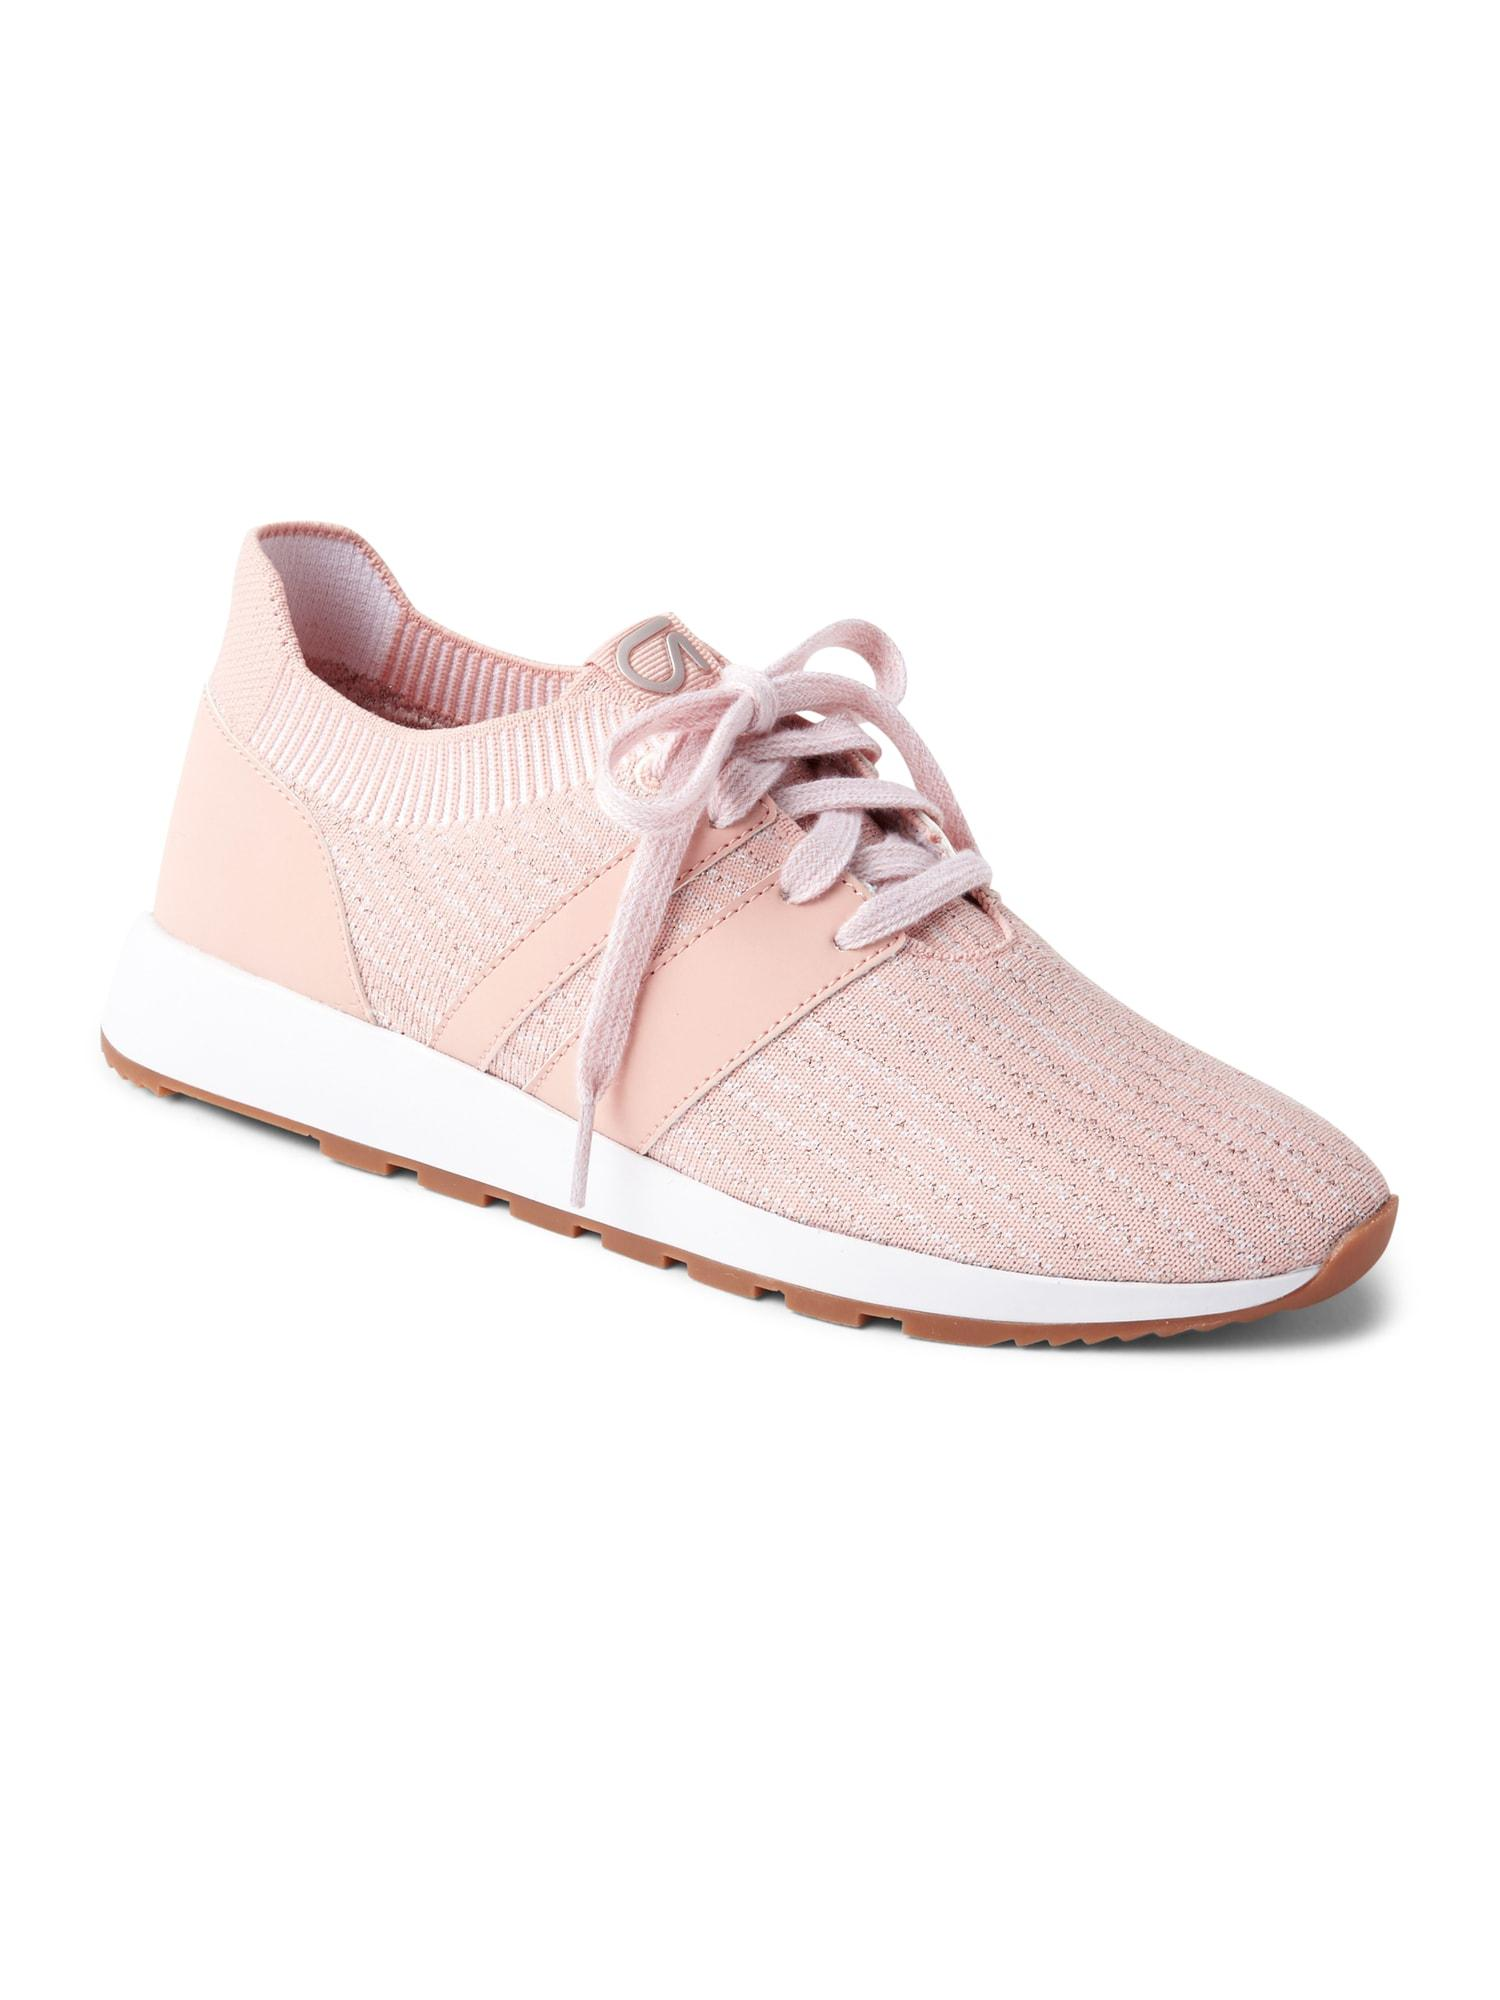 Gap Rubber Fit Knit Sneaker in Desert